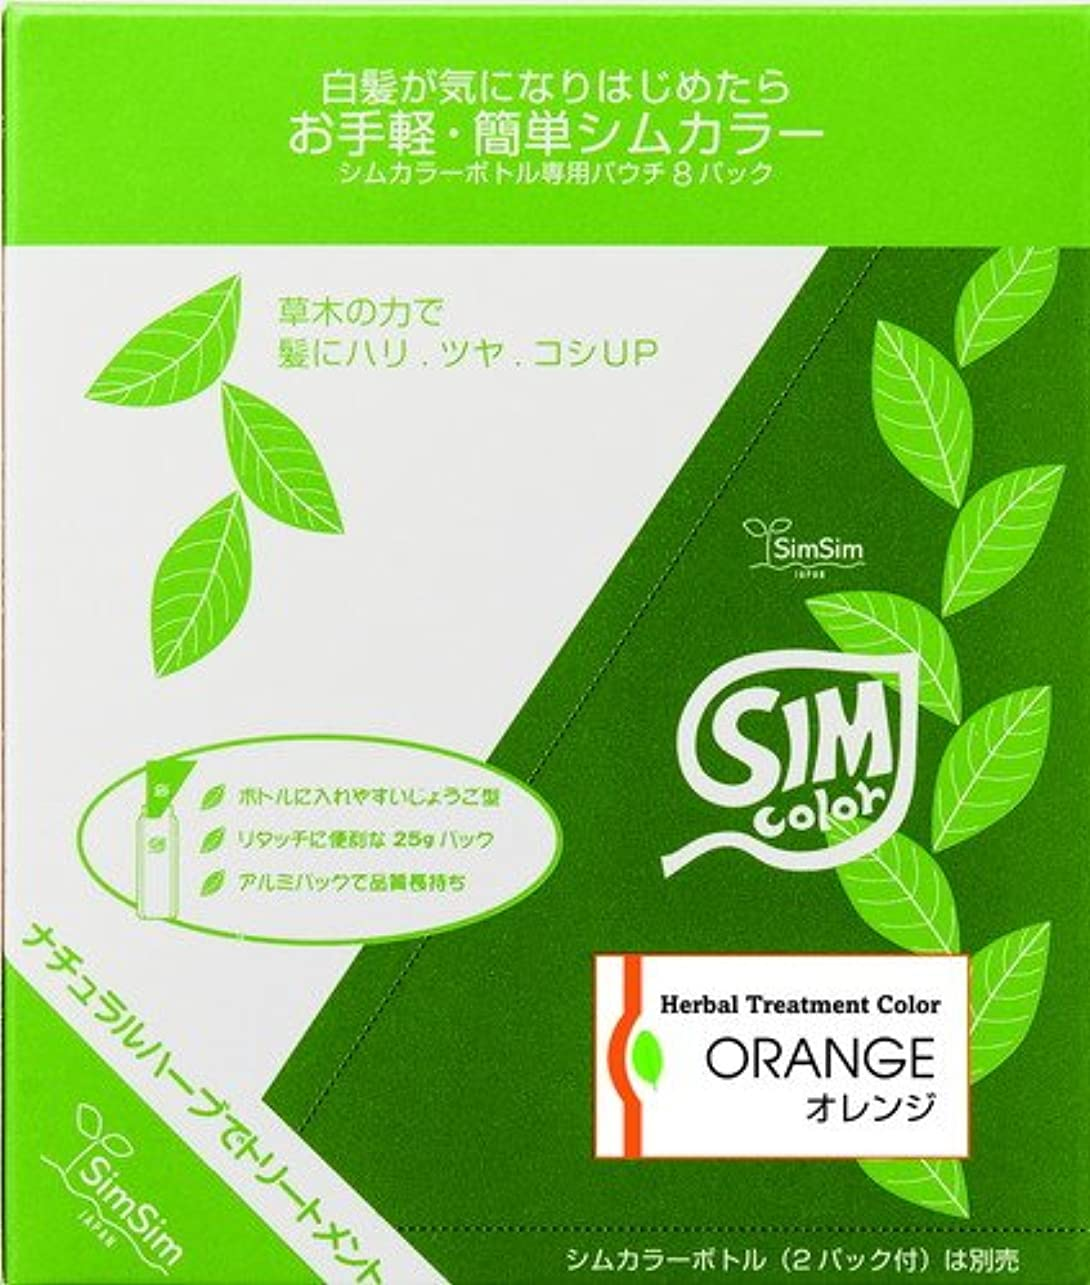 レーザスポンサー振り返るSimSim(シムシム)お手軽簡単シムカラーエクストラ(EX)25g 8袋 オレンジ